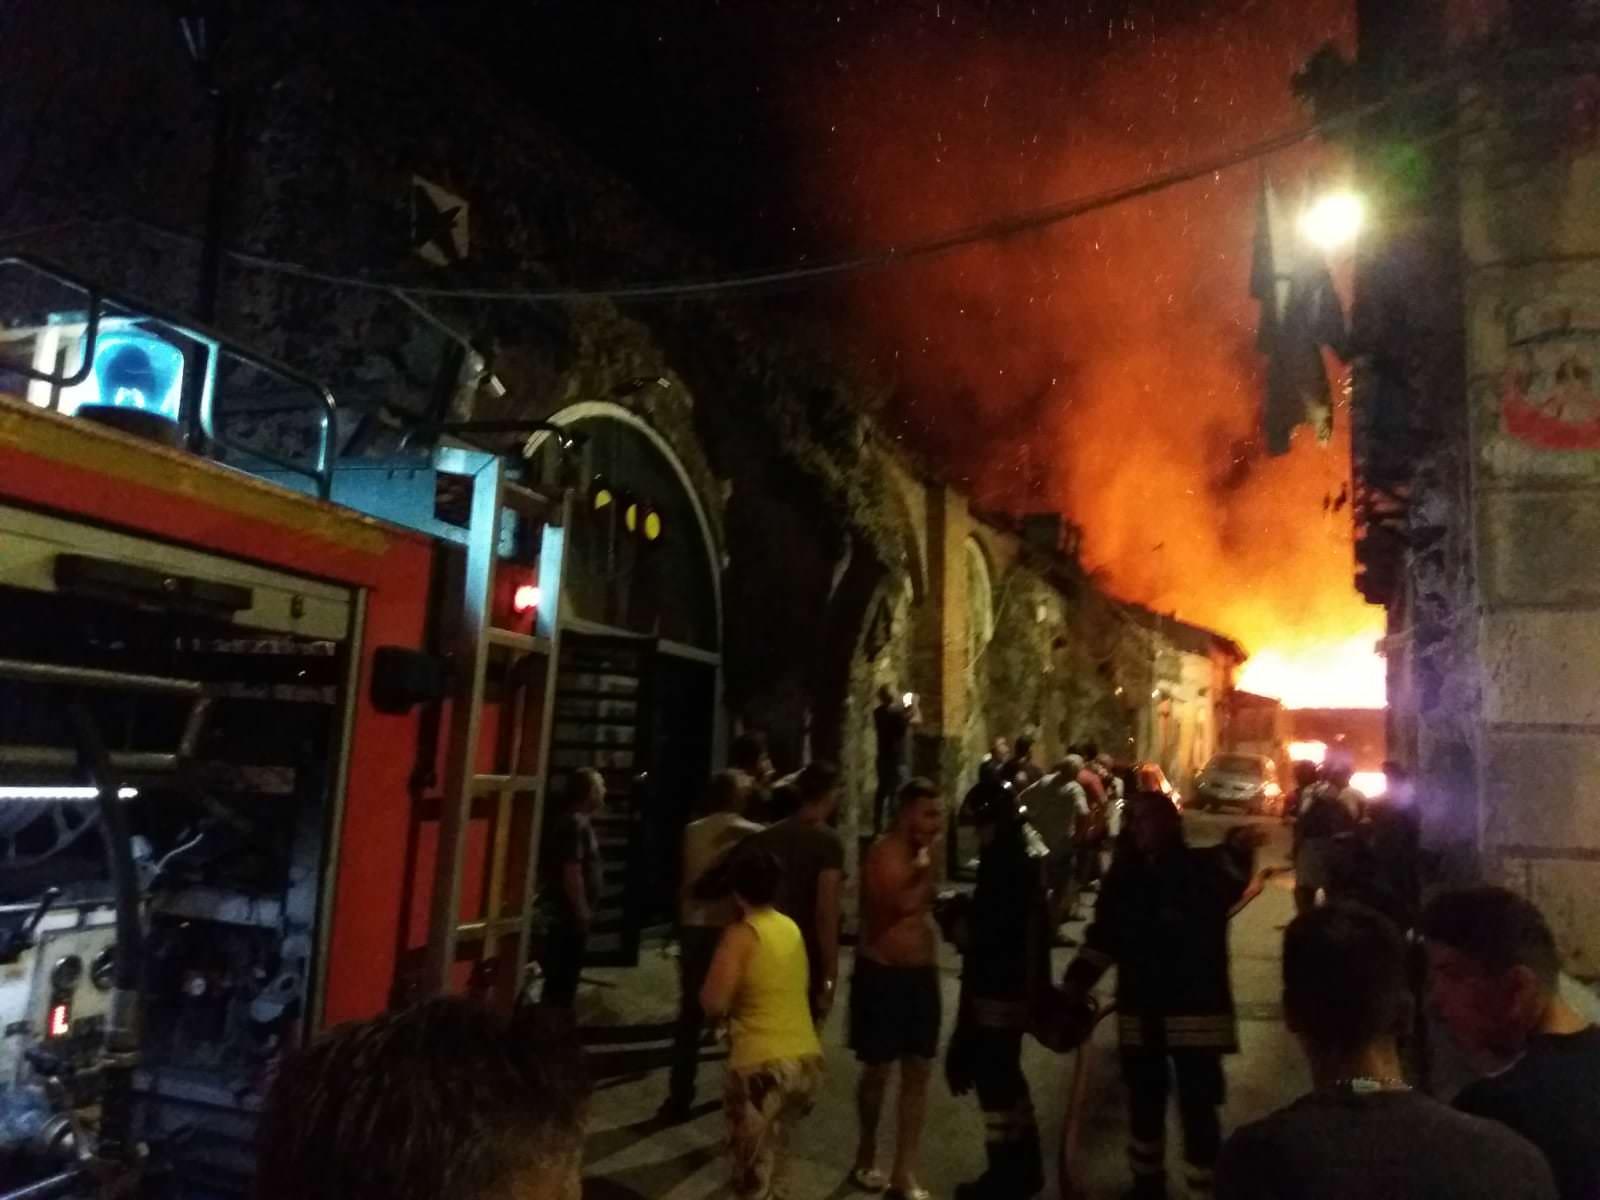 Incendio in via Fornai: falegnameria in fiamme, due abitazioni inagibili. FOTO e VIDEO